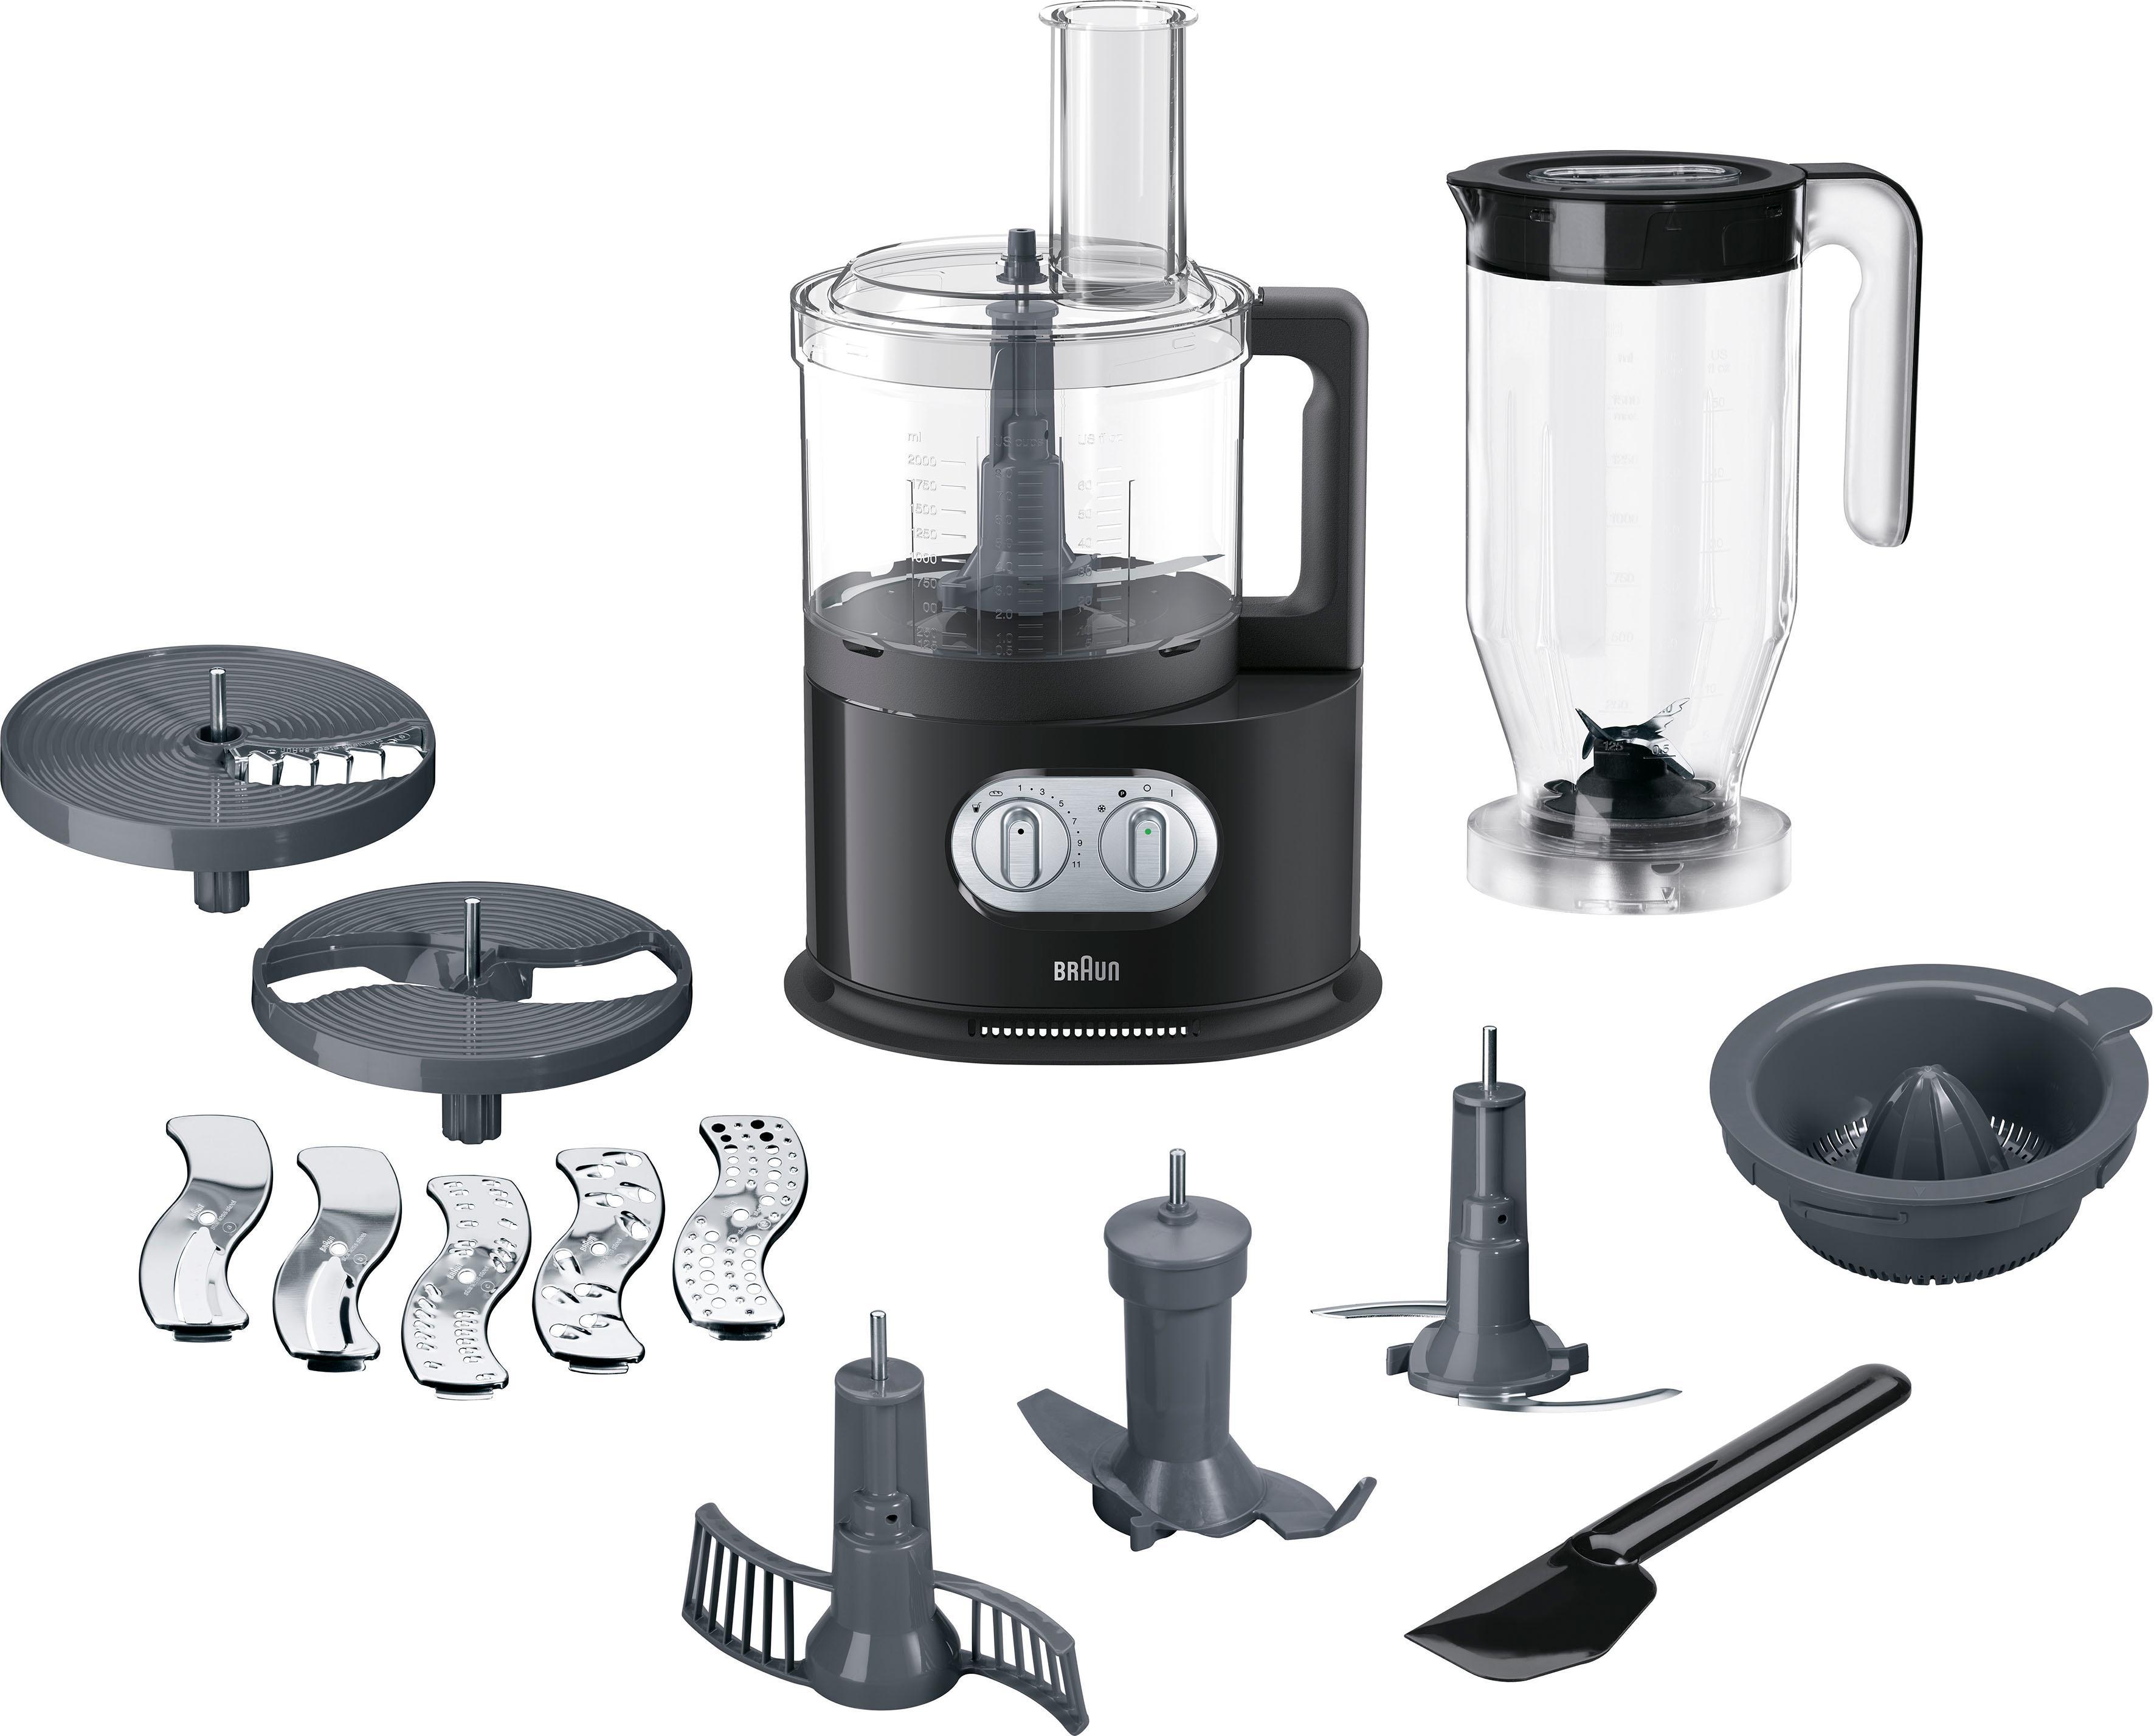 Braun Küchenmaschine mit Kochfunktion FP 5150, 1000 Watt, Schüssel 2 ...